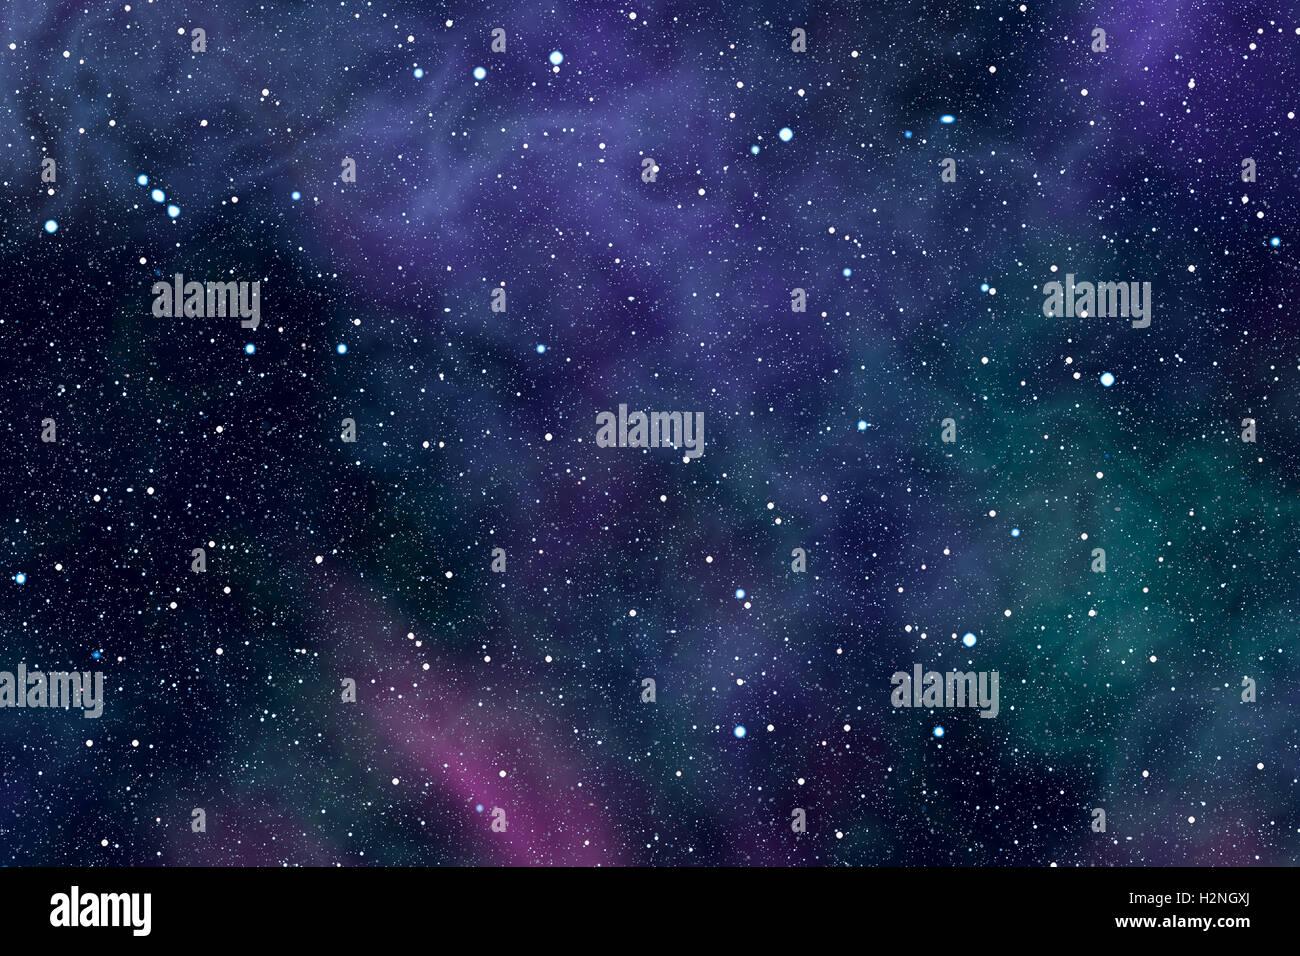 Resumen Antecedentes de alta resolución con el espacio cósmico lleno de estrellas y nebulosas de color. Imagen De Stock